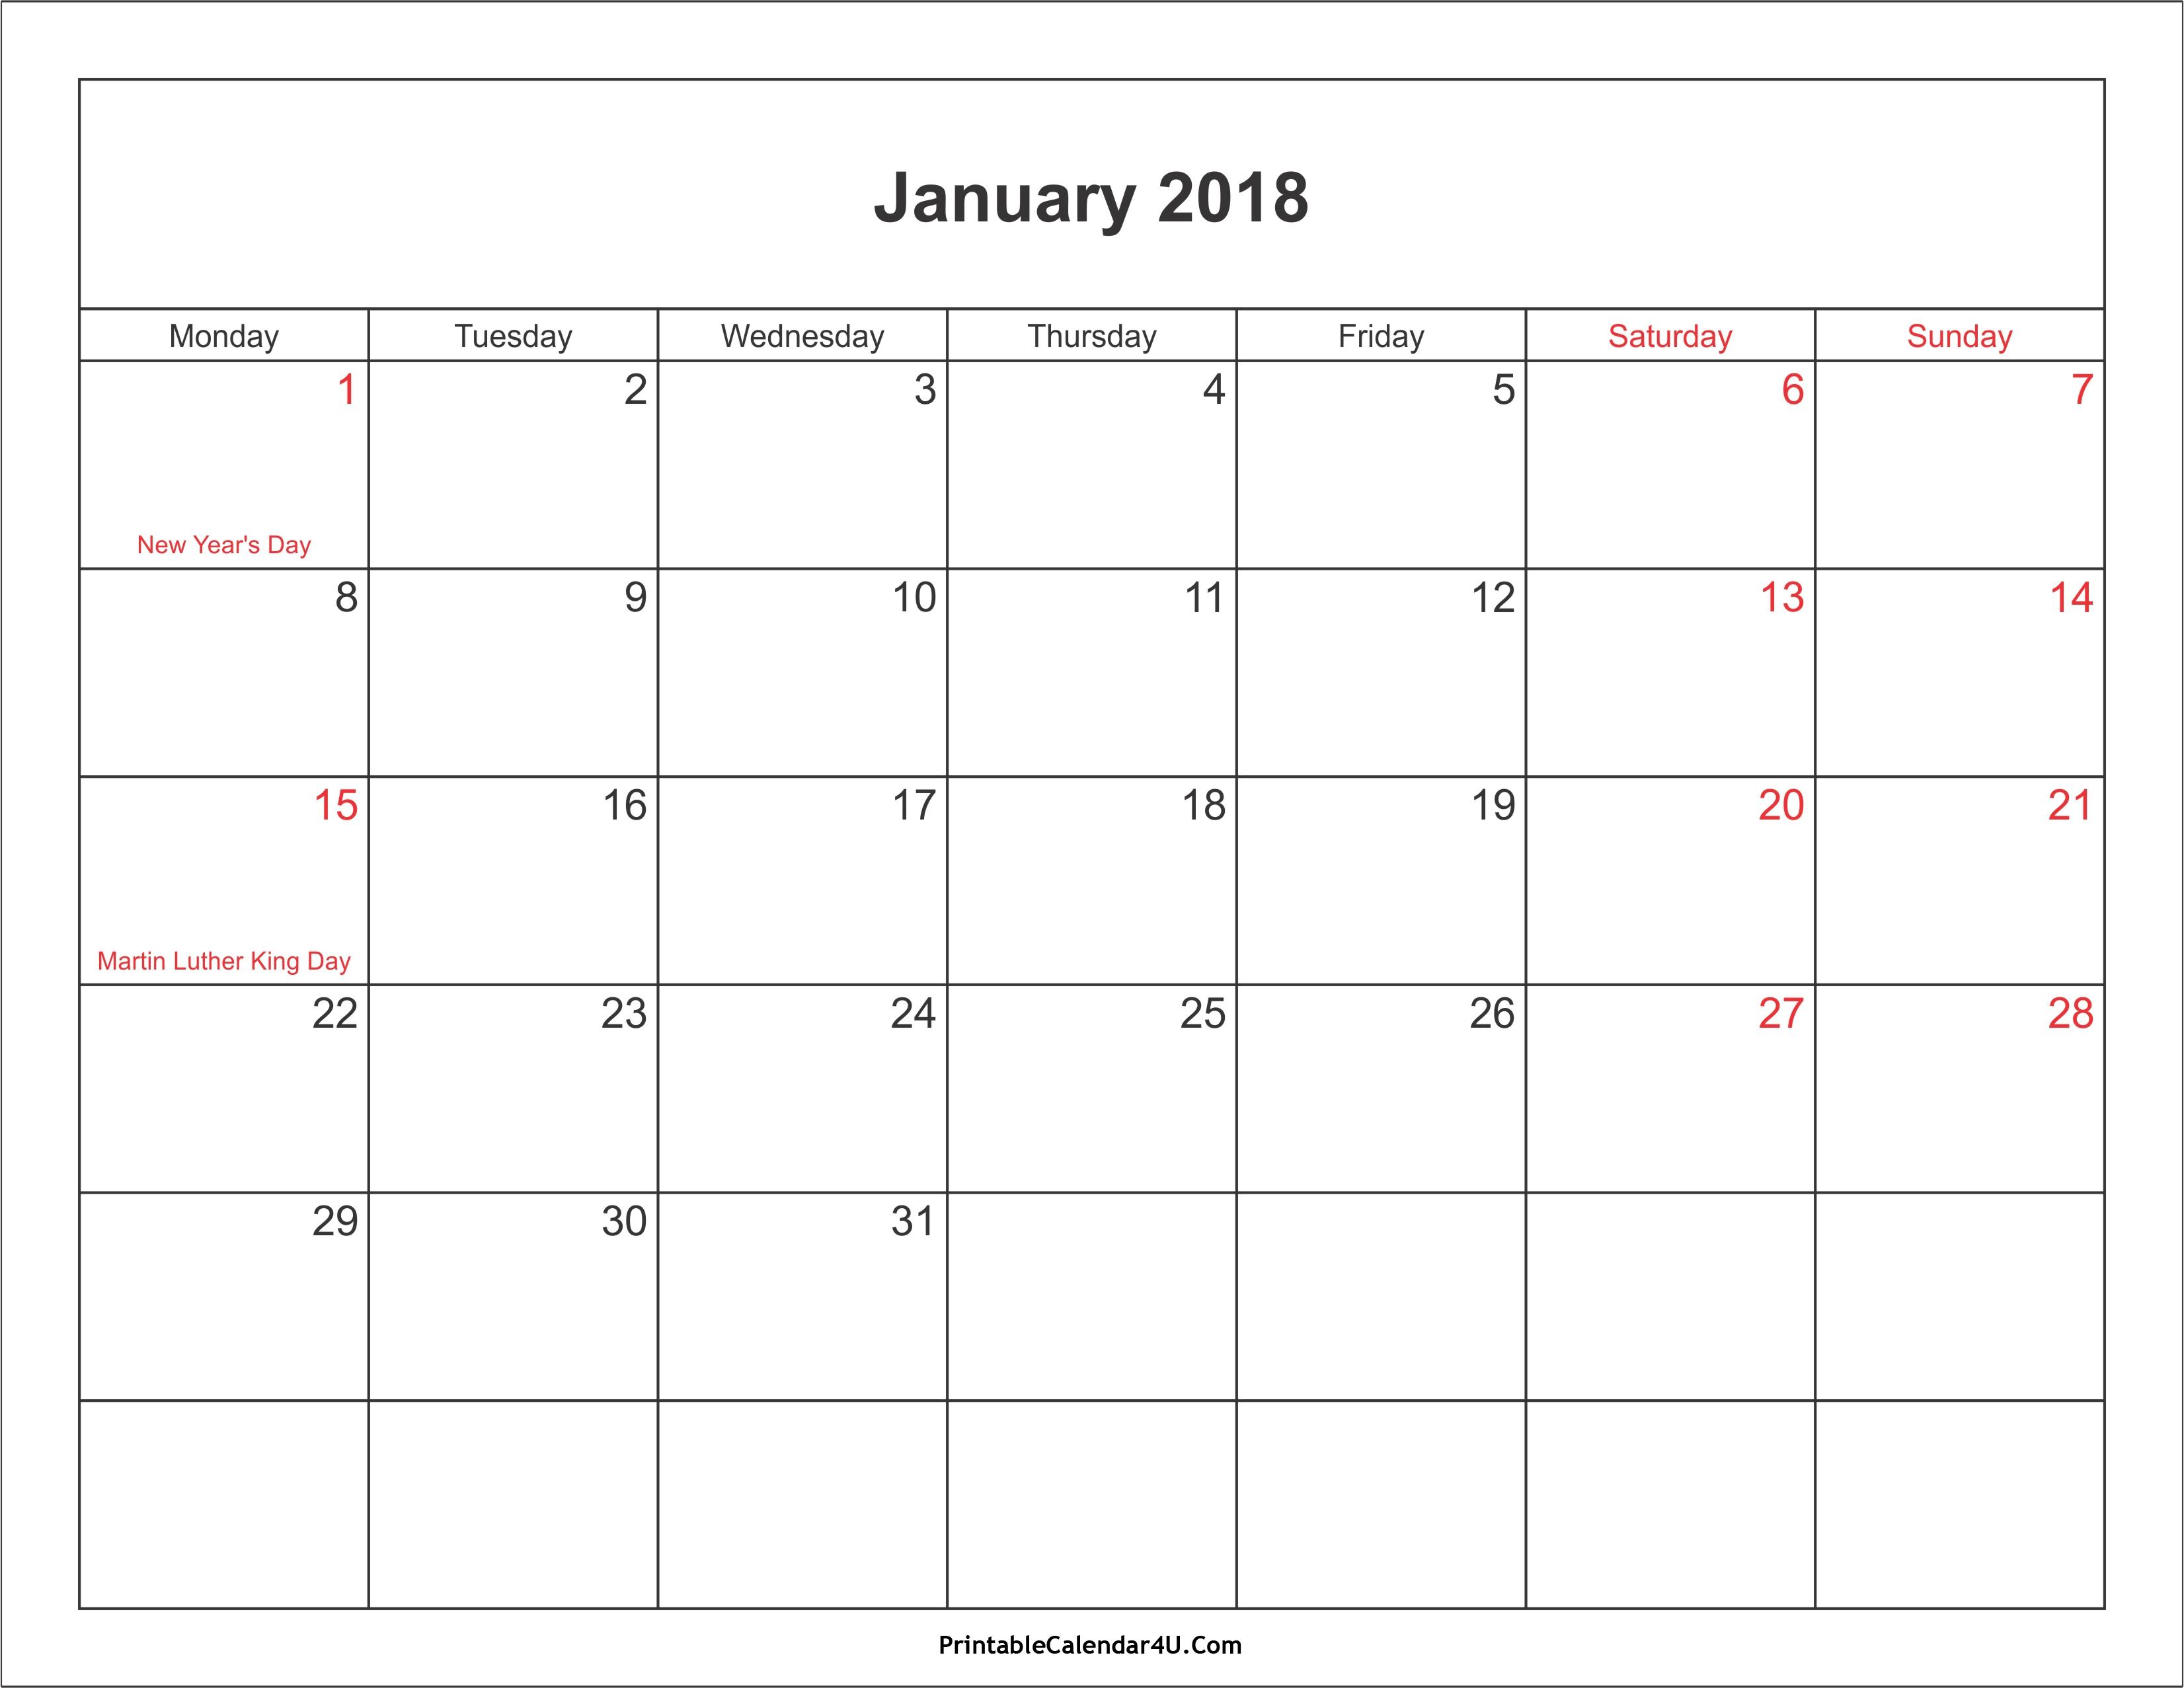 January 2018 Calendar With Holidays 2017 Calendar With Holidays3abry